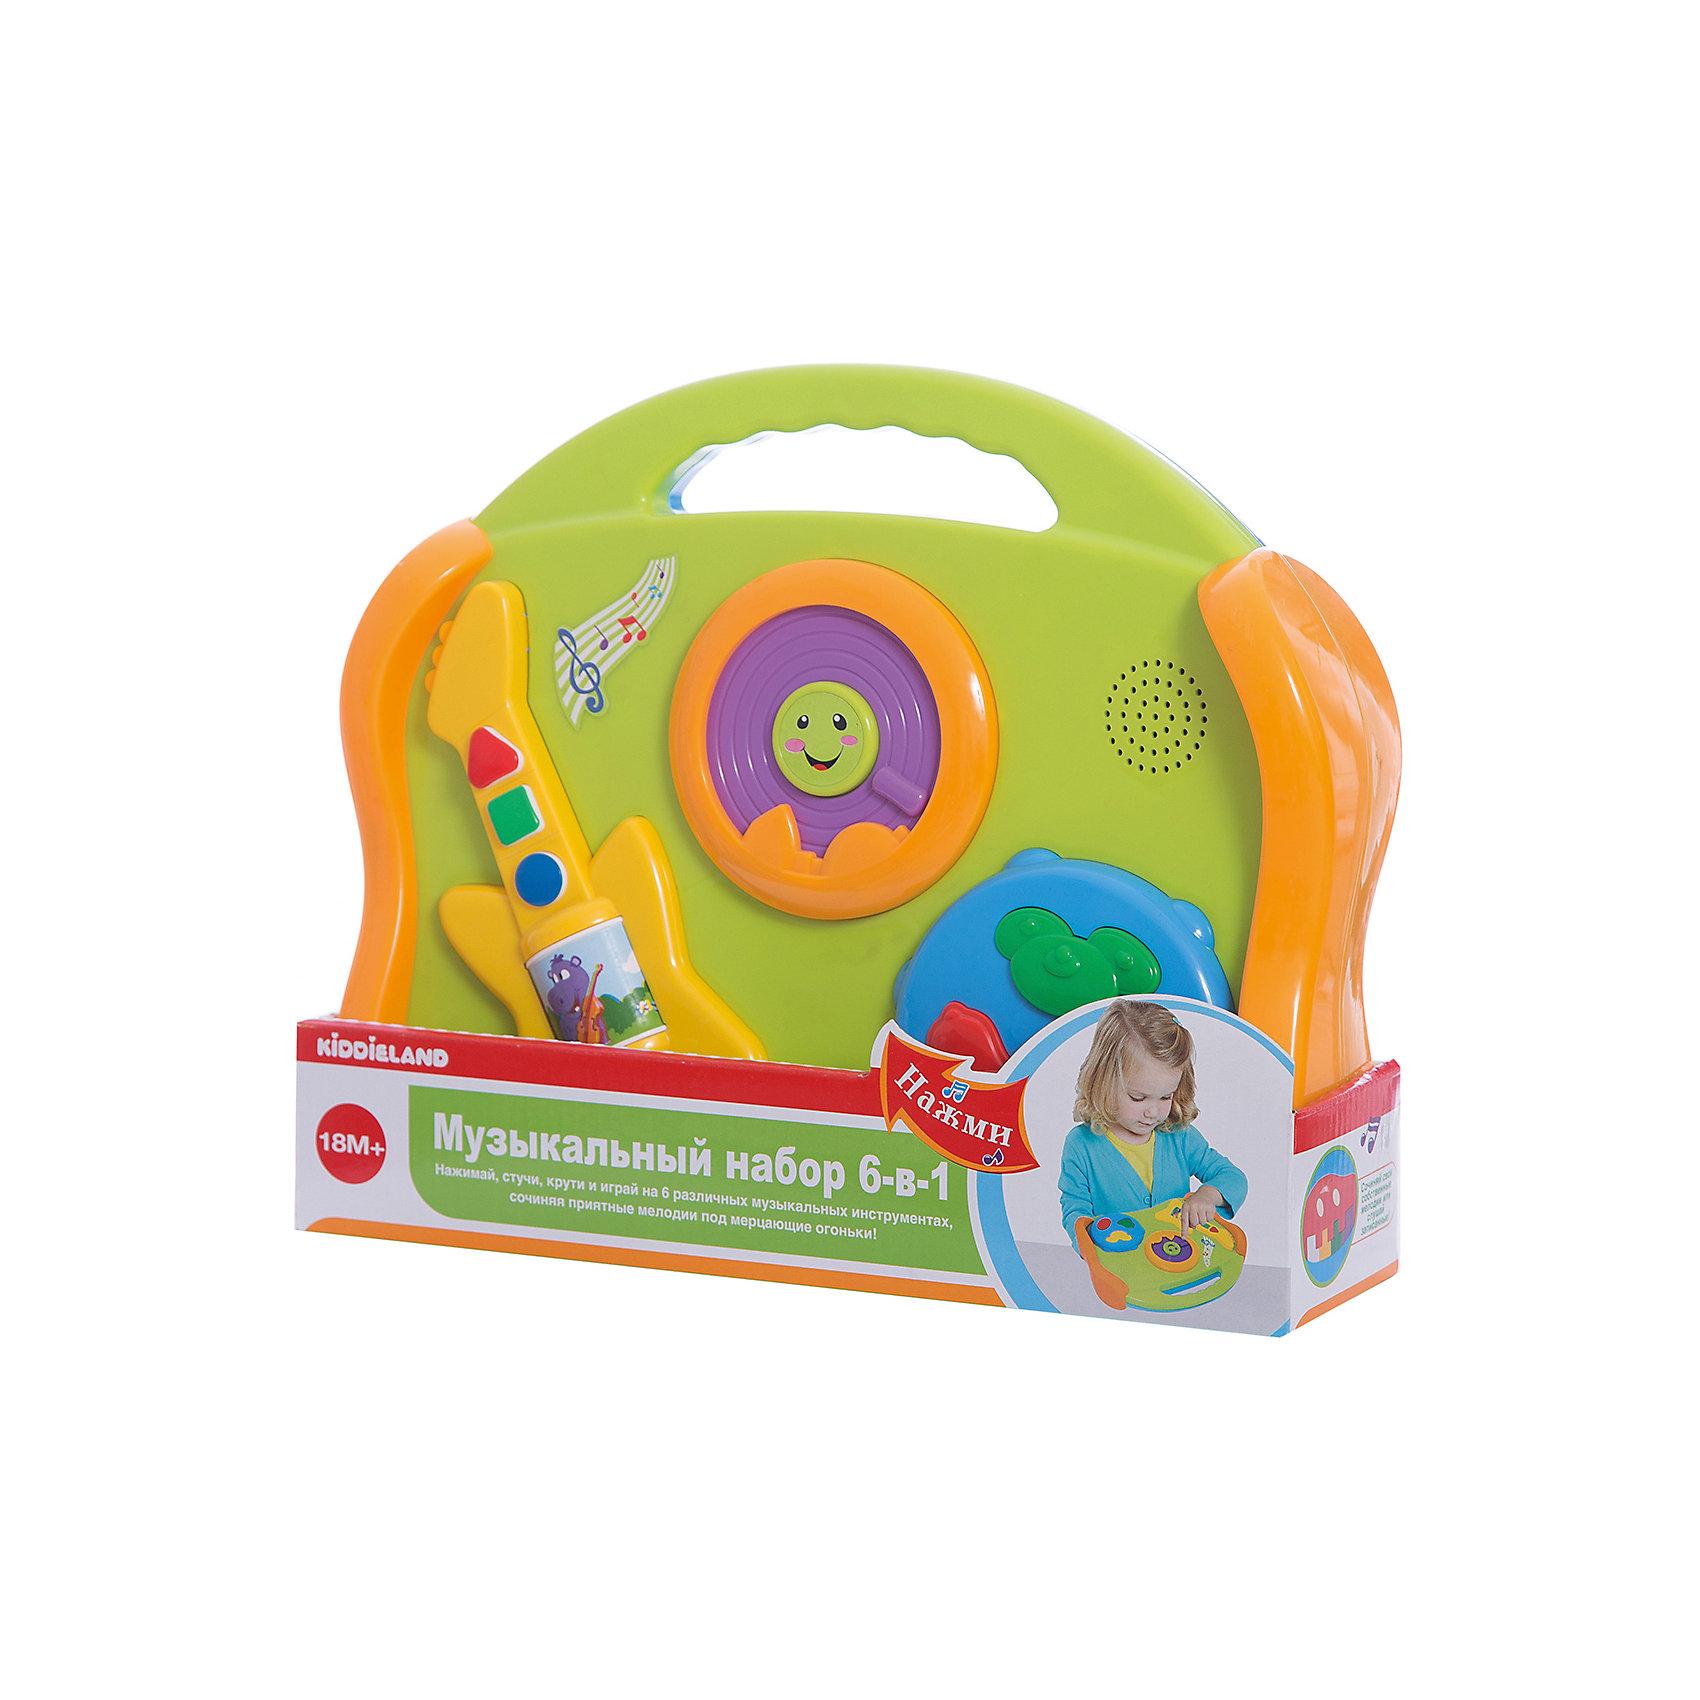 Развивающая игрушка Музыкальные инструменты 6 в 1, KiddielandРазвивающая игрушка Музыкальные инструменты 6 в 1, Kiddieland<br><br>Характеристики:<br><br>• Цвет: салатовый, голубой<br>• Материал: пластик<br>• Размер упаковки: 33х8х26<br>• Возраст: от 18 месяцев<br><br>Яркий и красочный набор 6 в 1 поможет приобщить малыша к музыке с самого раннего возраста. В одной небольшой игрушке малыш услышит пианино, гитару, барабан, губную гармошку, колокольчики и тарелки. На игрушке большие и удобные кнопки с двух сторон.<br><br>Развивающую игрушку Музыкальные инструменты 6 в 1, Kiddieland можно купить в нашем интернет-магазине.<br><br>Ширина мм: 290<br>Глубина мм: 200<br>Высота мм: 100<br>Вес г: 860<br>Возраст от месяцев: 12<br>Возраст до месяцев: 36<br>Пол: Унисекс<br>Возраст: Детский<br>SKU: 5054100